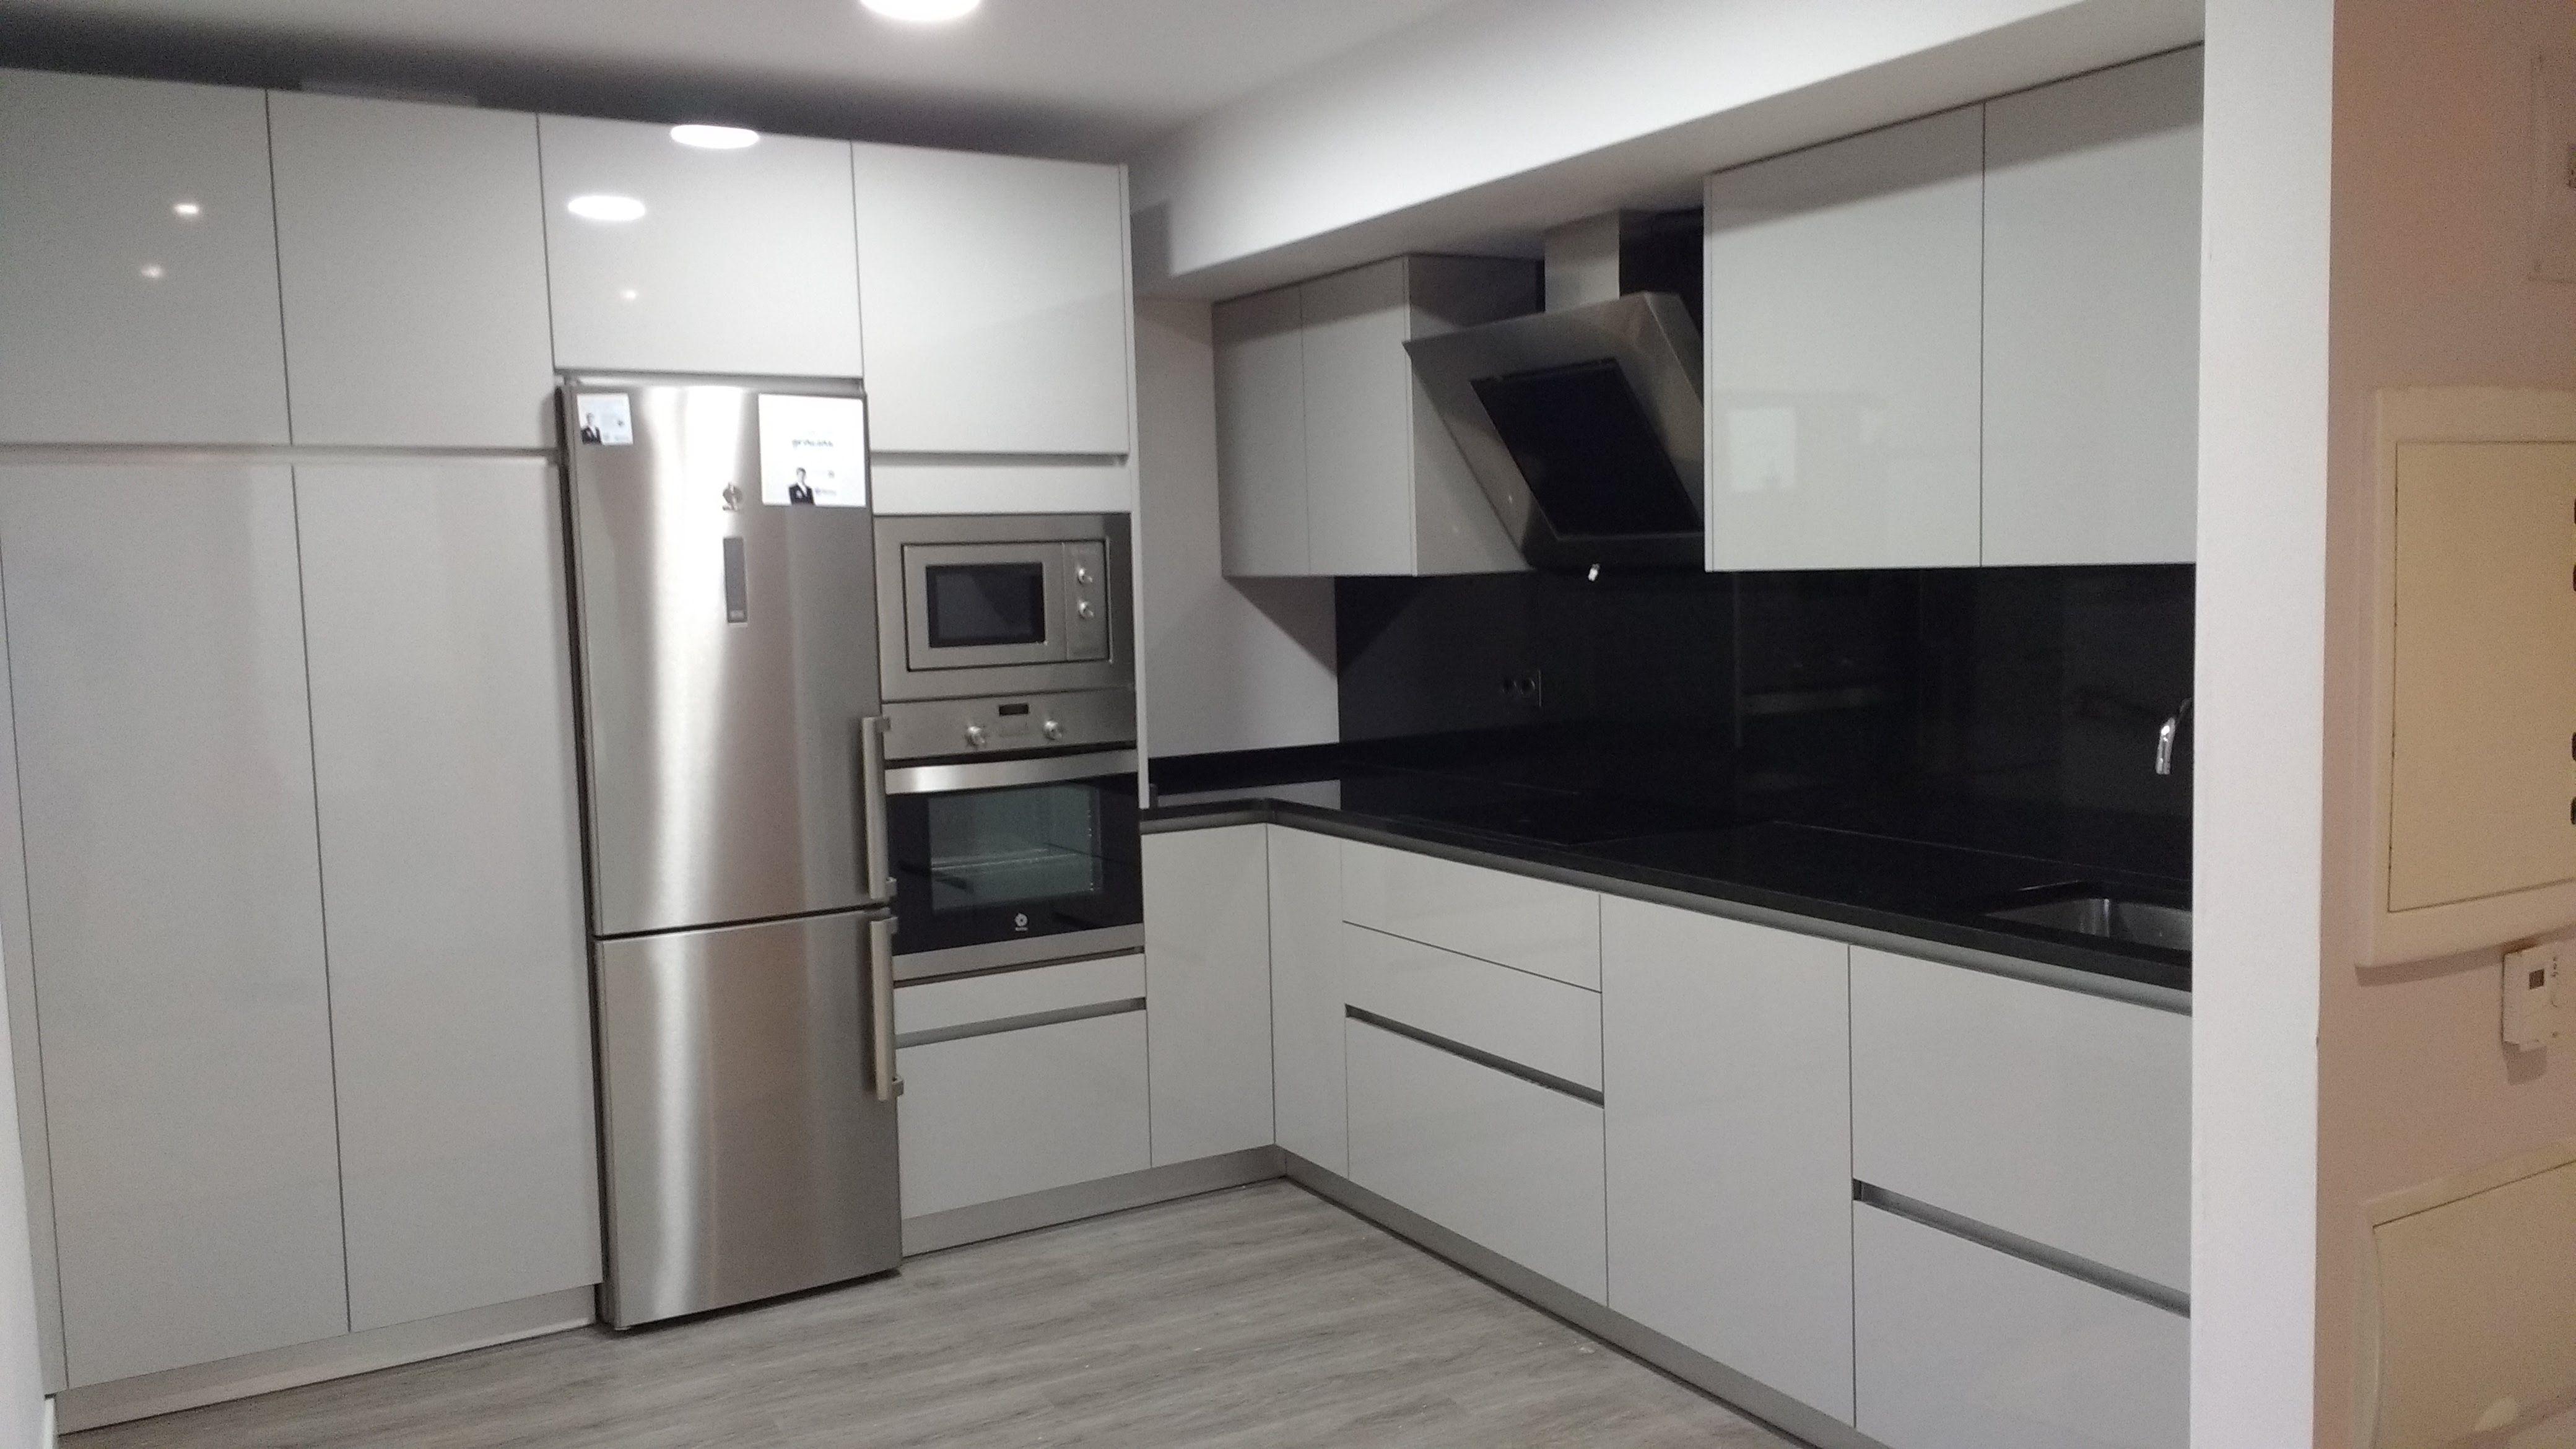 Foto 4 de Muebles de cocina y baño en Andoain | Tecnicocina